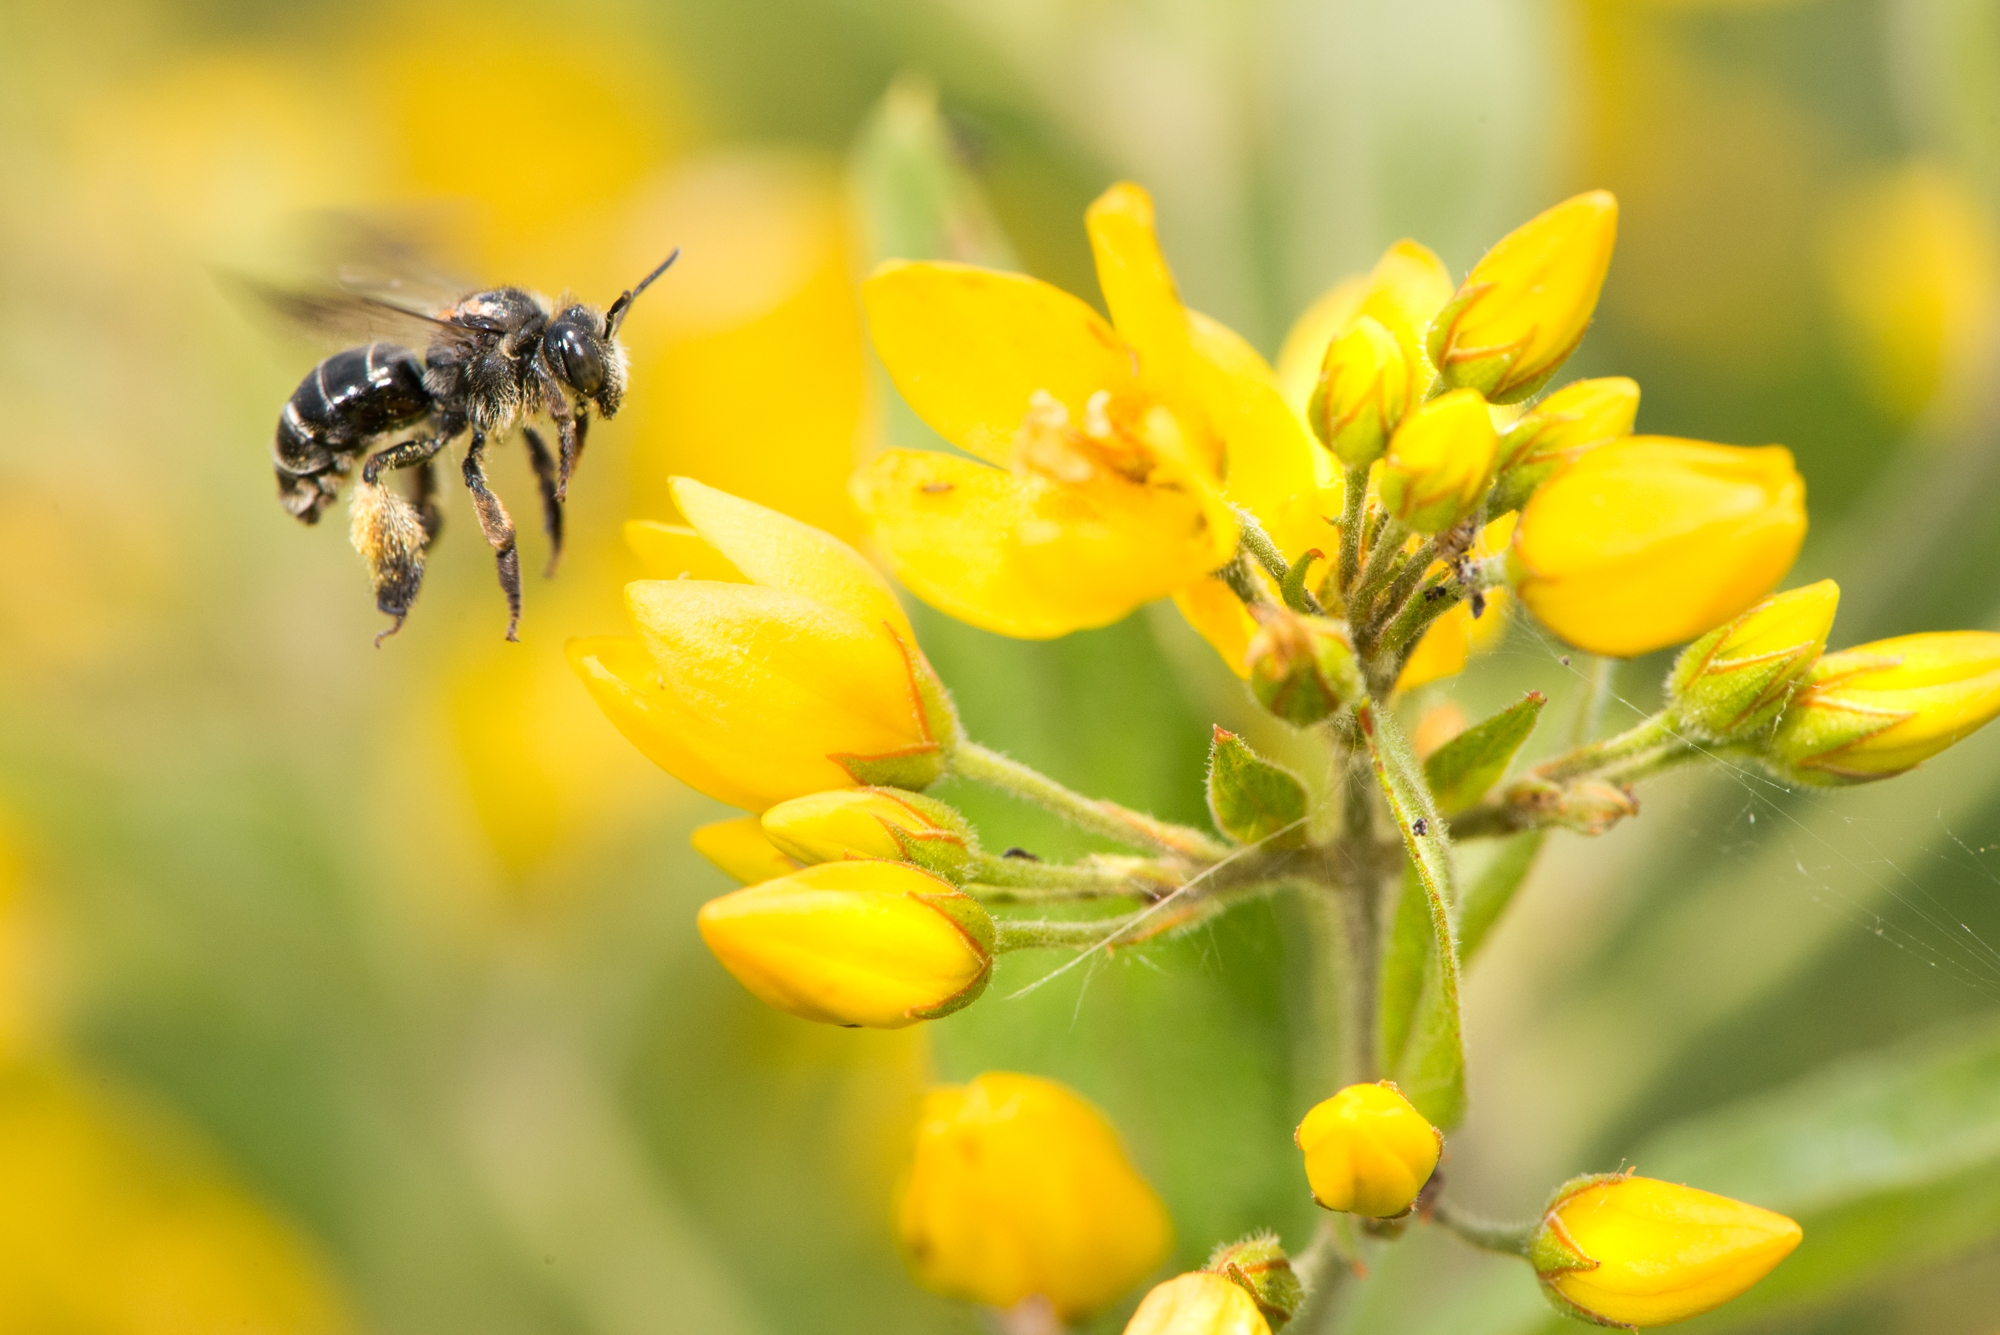 Project voor meer biodiversiteit in buitengebied